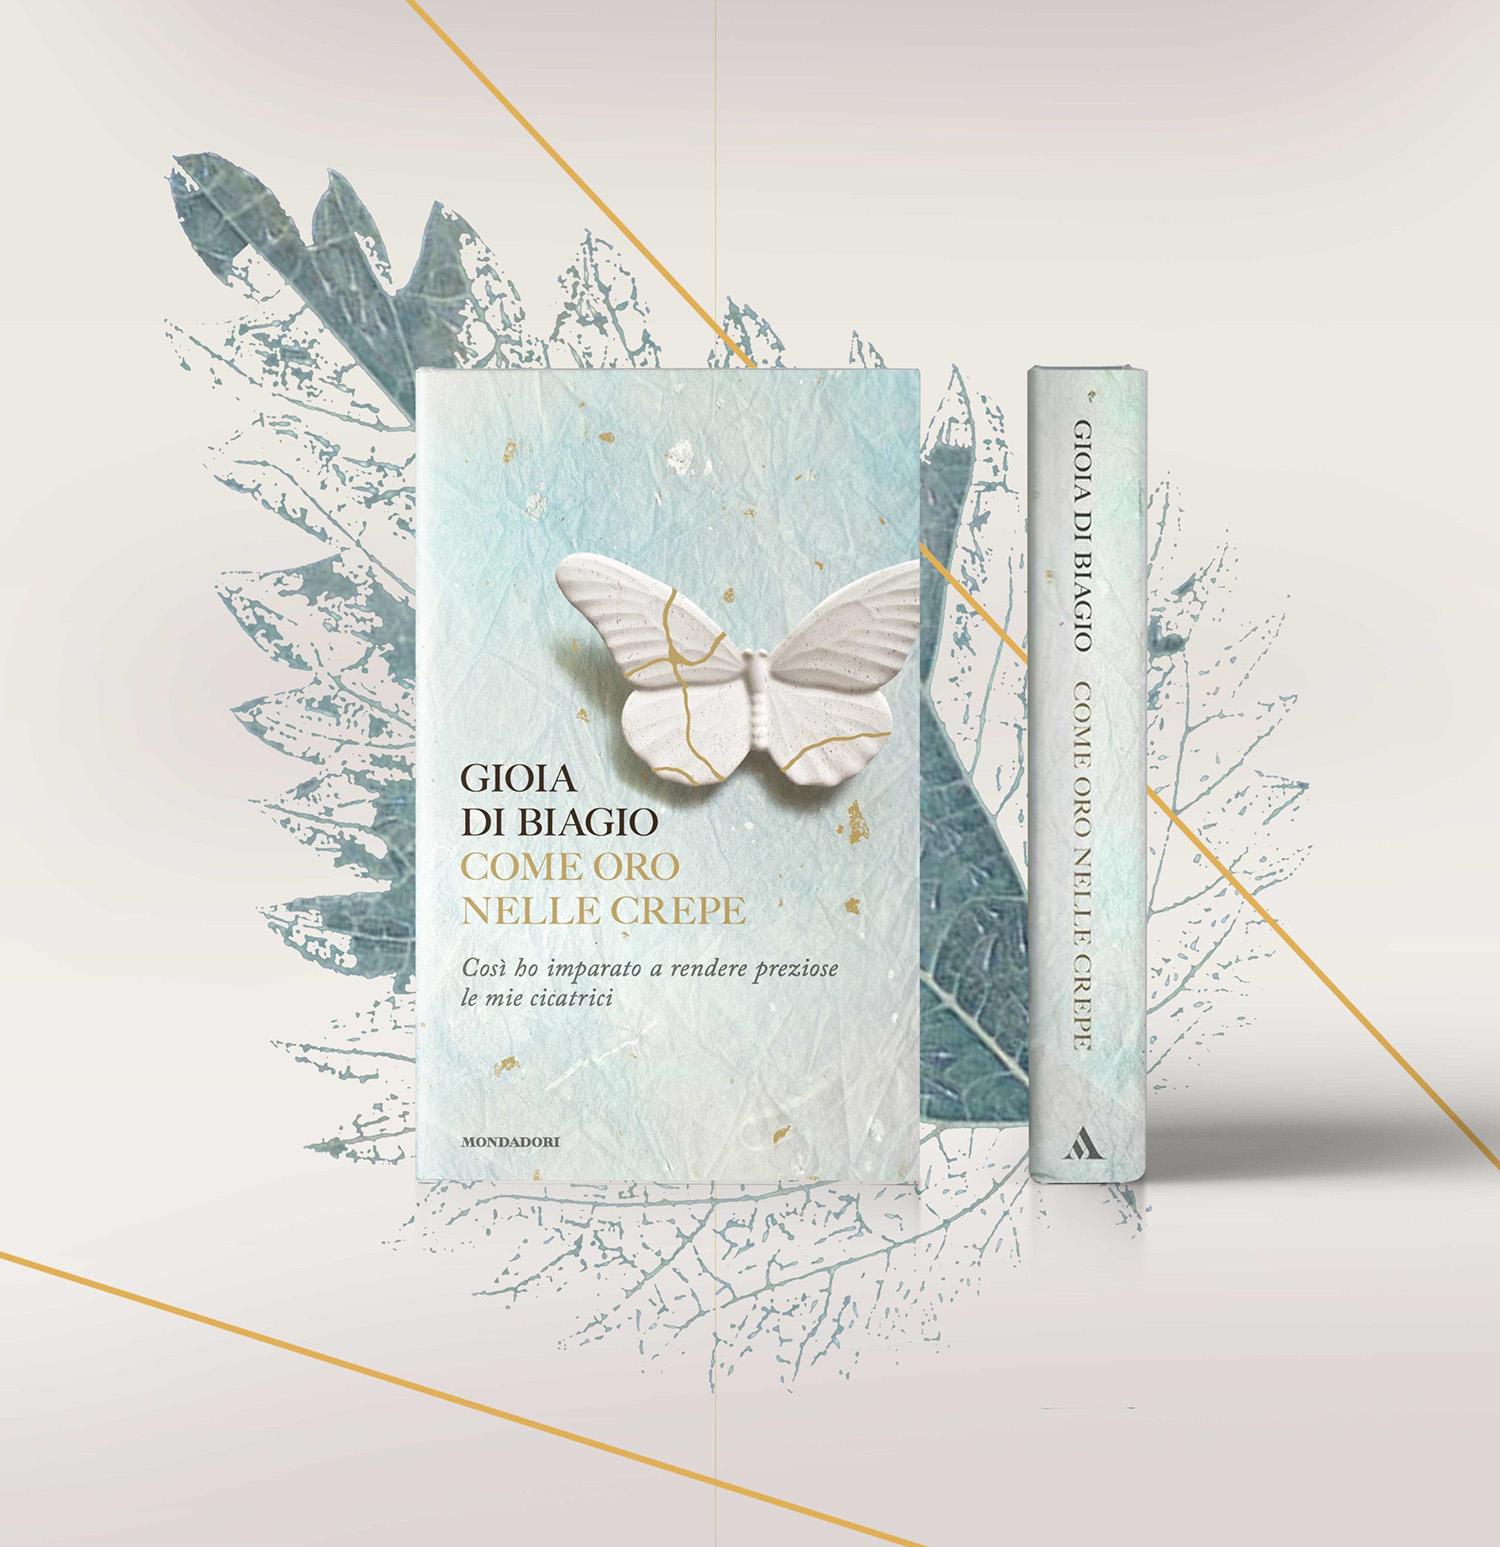 cover-tassello-mockup-libro-gdb-scaled